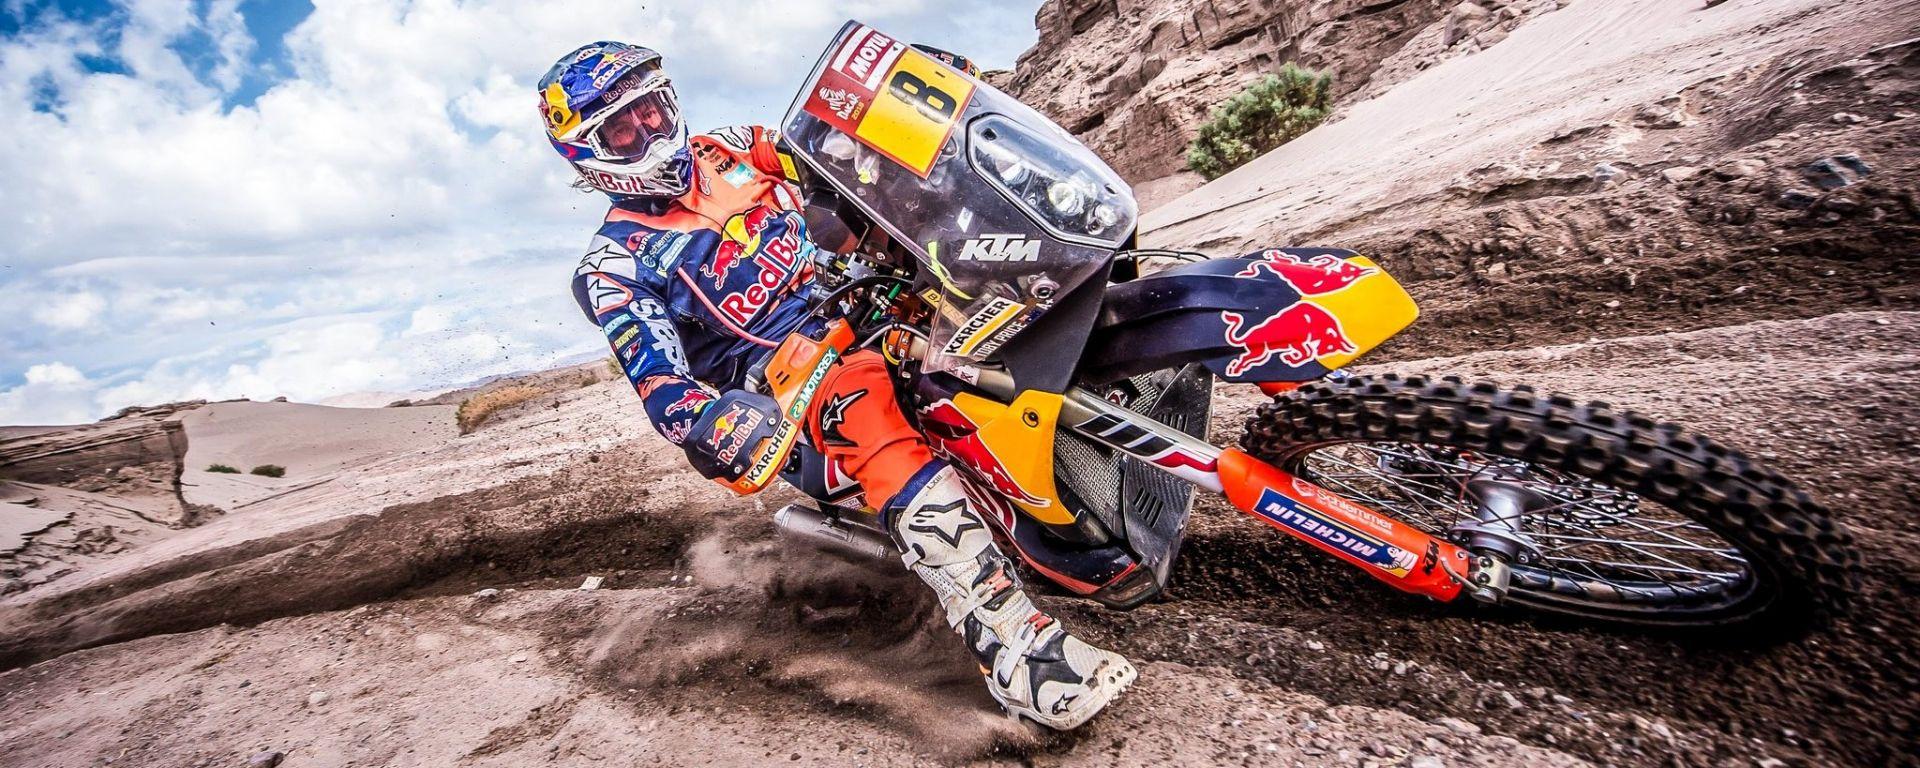 Dakar 2018, Toby Price